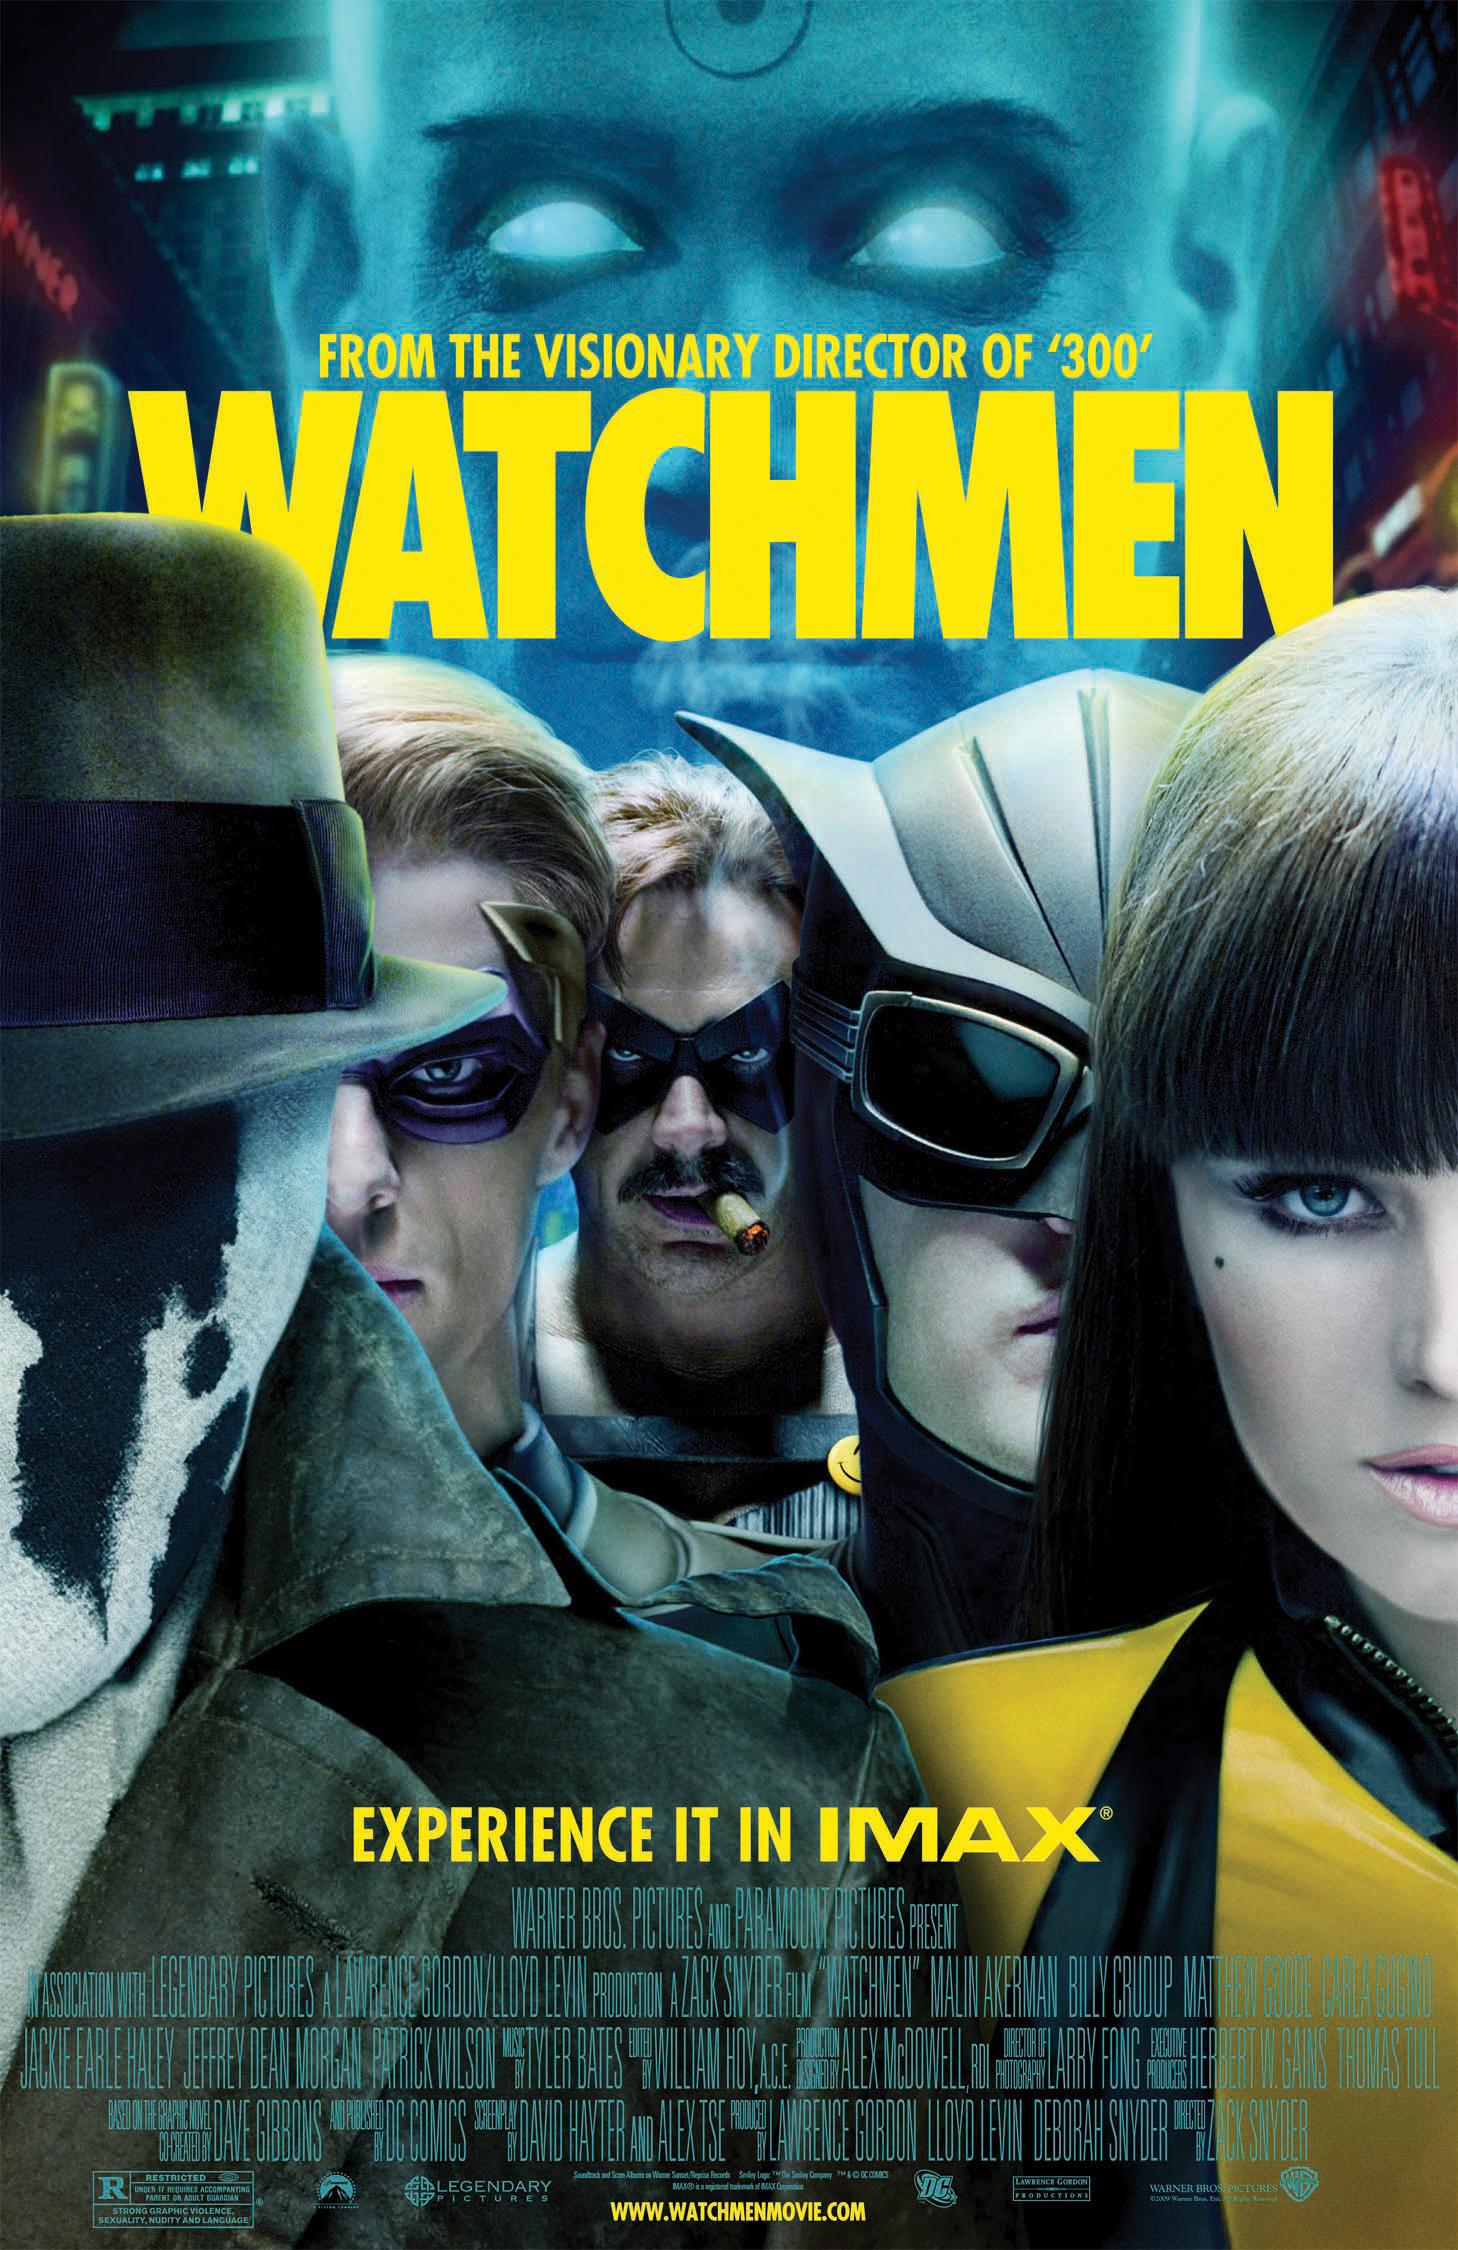 http://st-im.kinopoisk.ru/im/poster/8/9/9/kinopoisk.ru-Watchmen-899134--o--.jpg